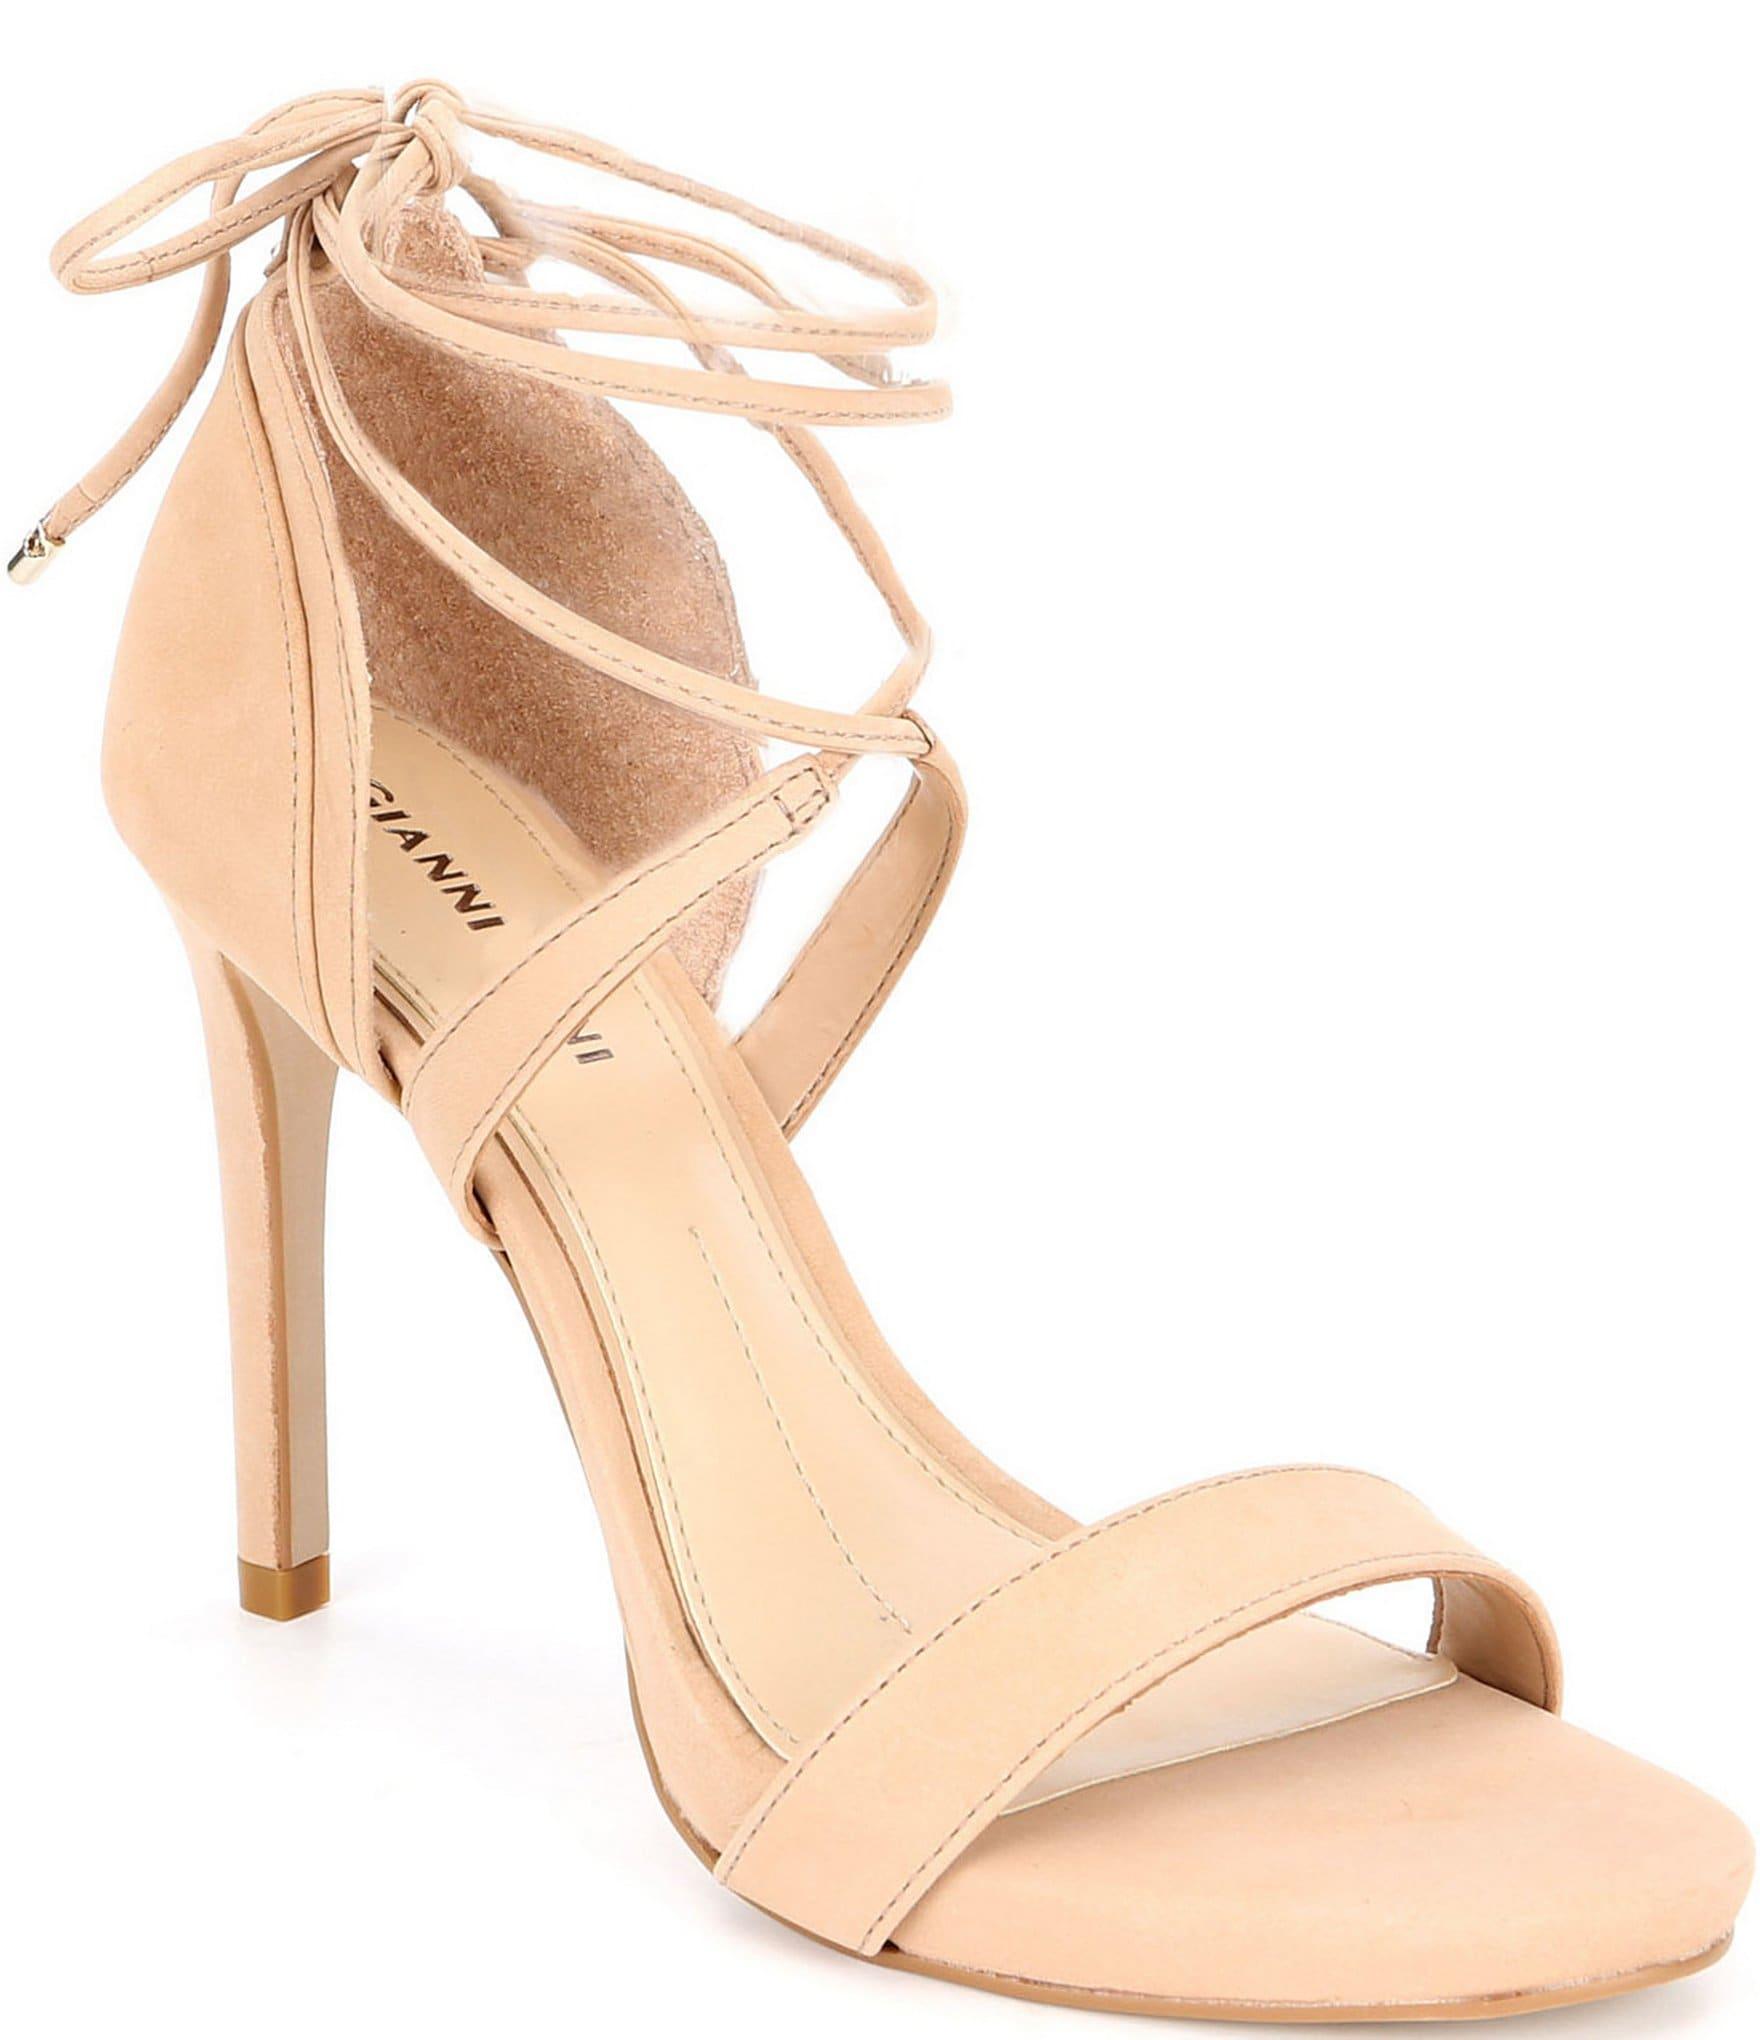 7b1b1668a8 Women's Shoes | Dillard's